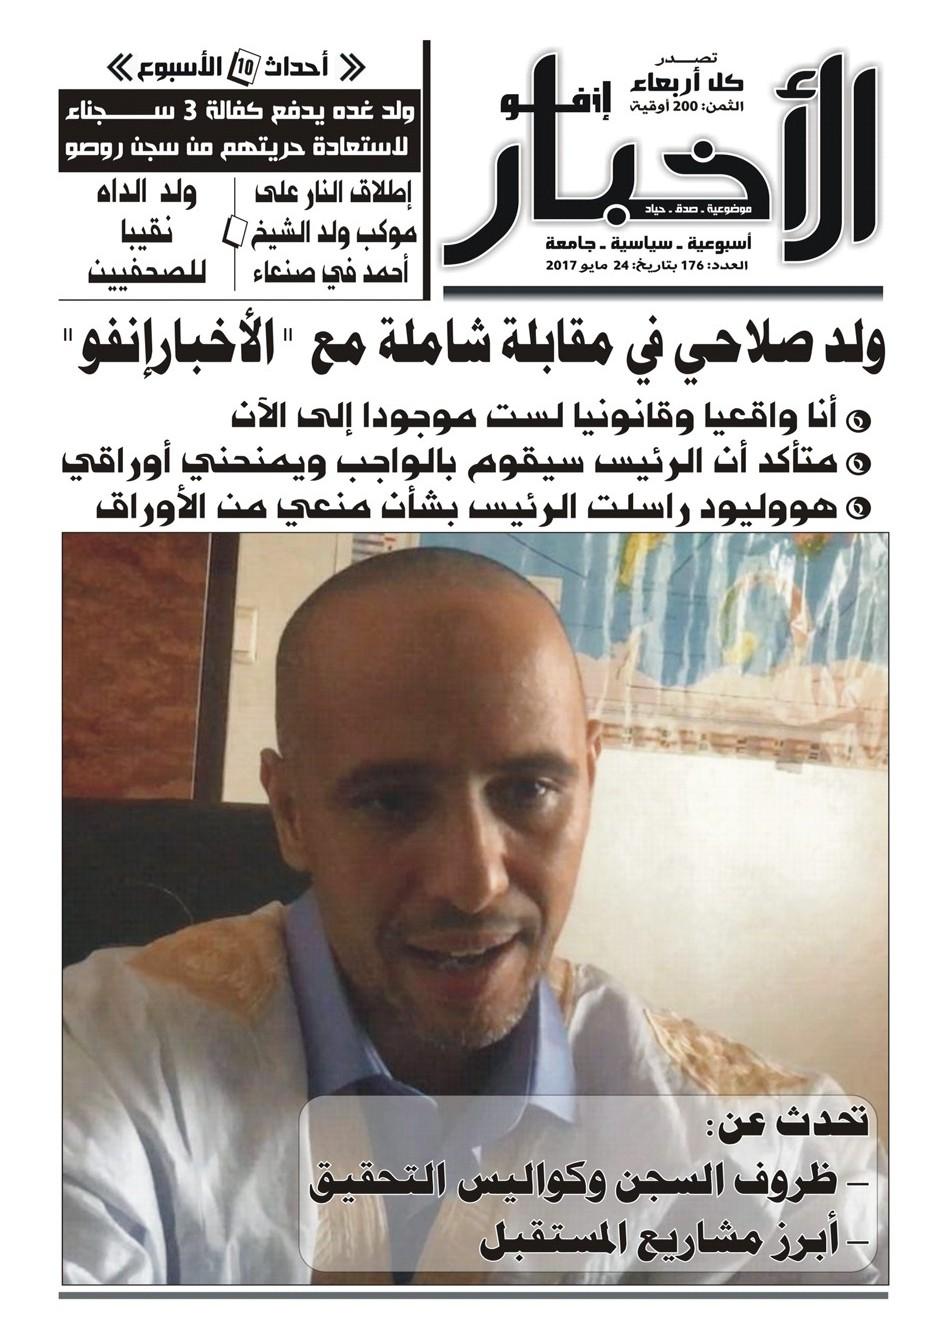 مقابلة مثيرة مع ا.المعتقل السابق في سجن غوانتنامو محمدو ولد صلاحي.